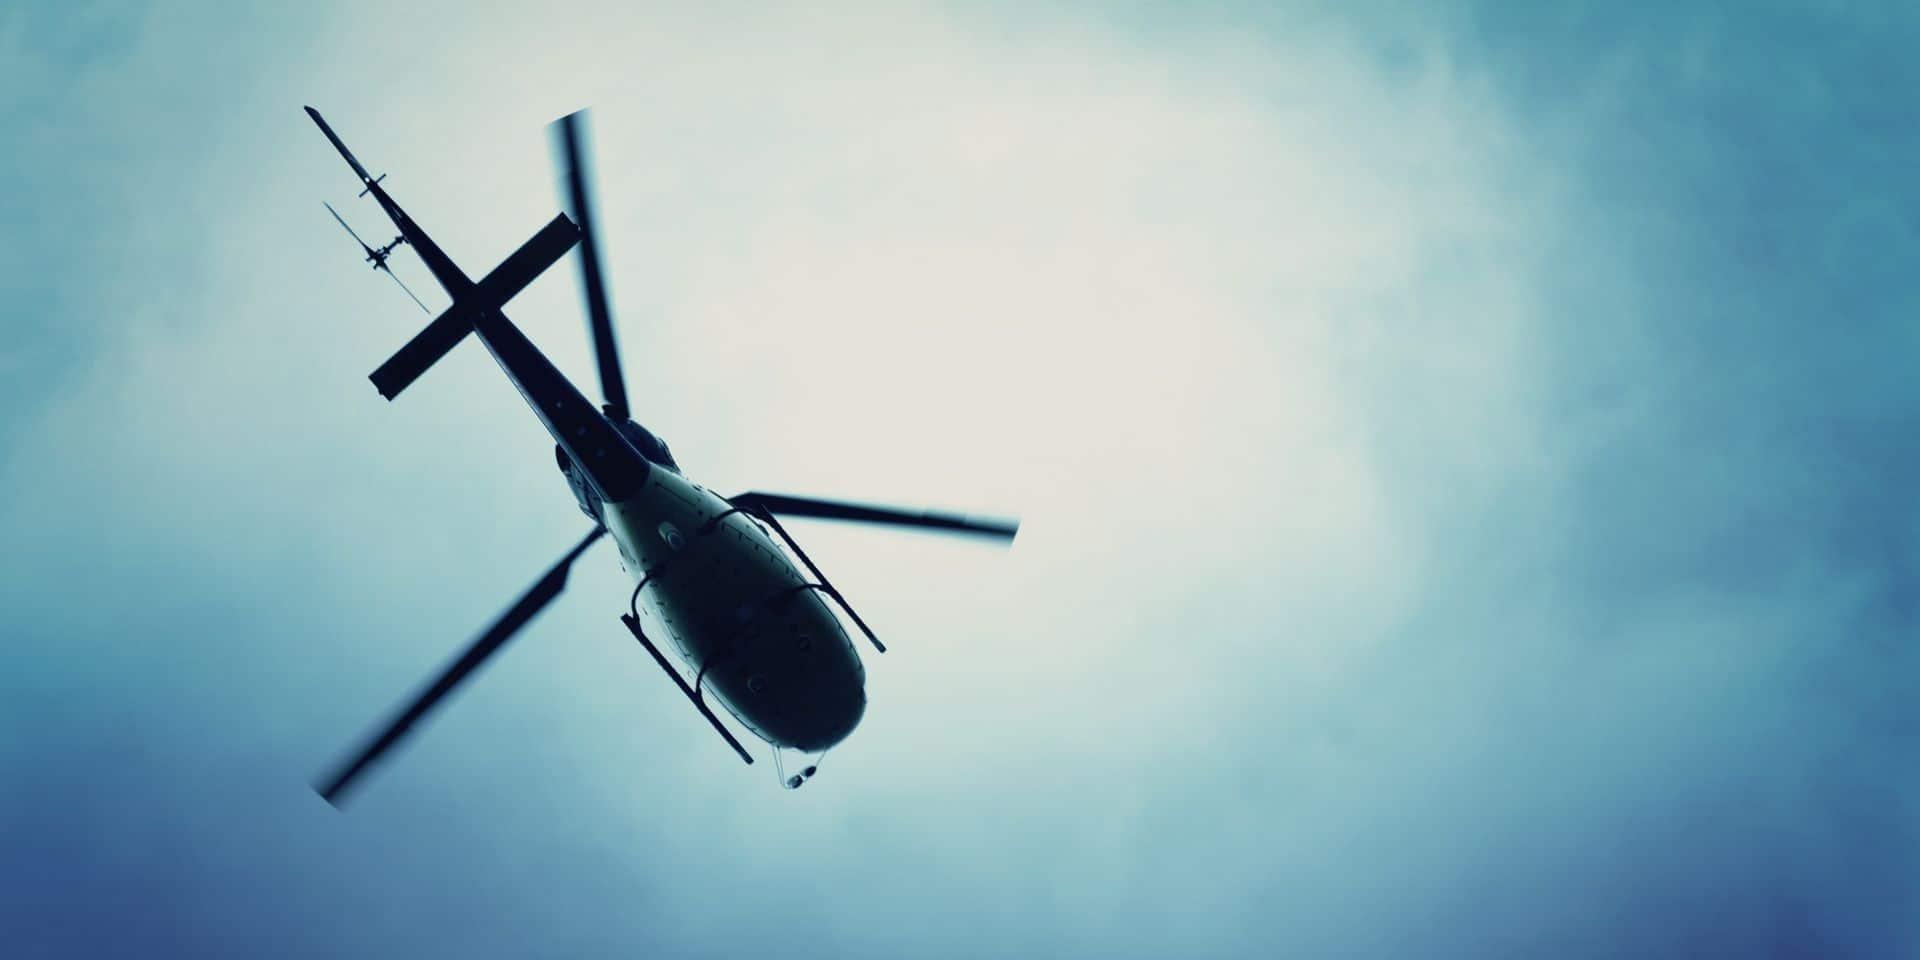 Une femme accouche sur l'aire d'autoroute à Sprimont, l'hélico médicalisé intervient